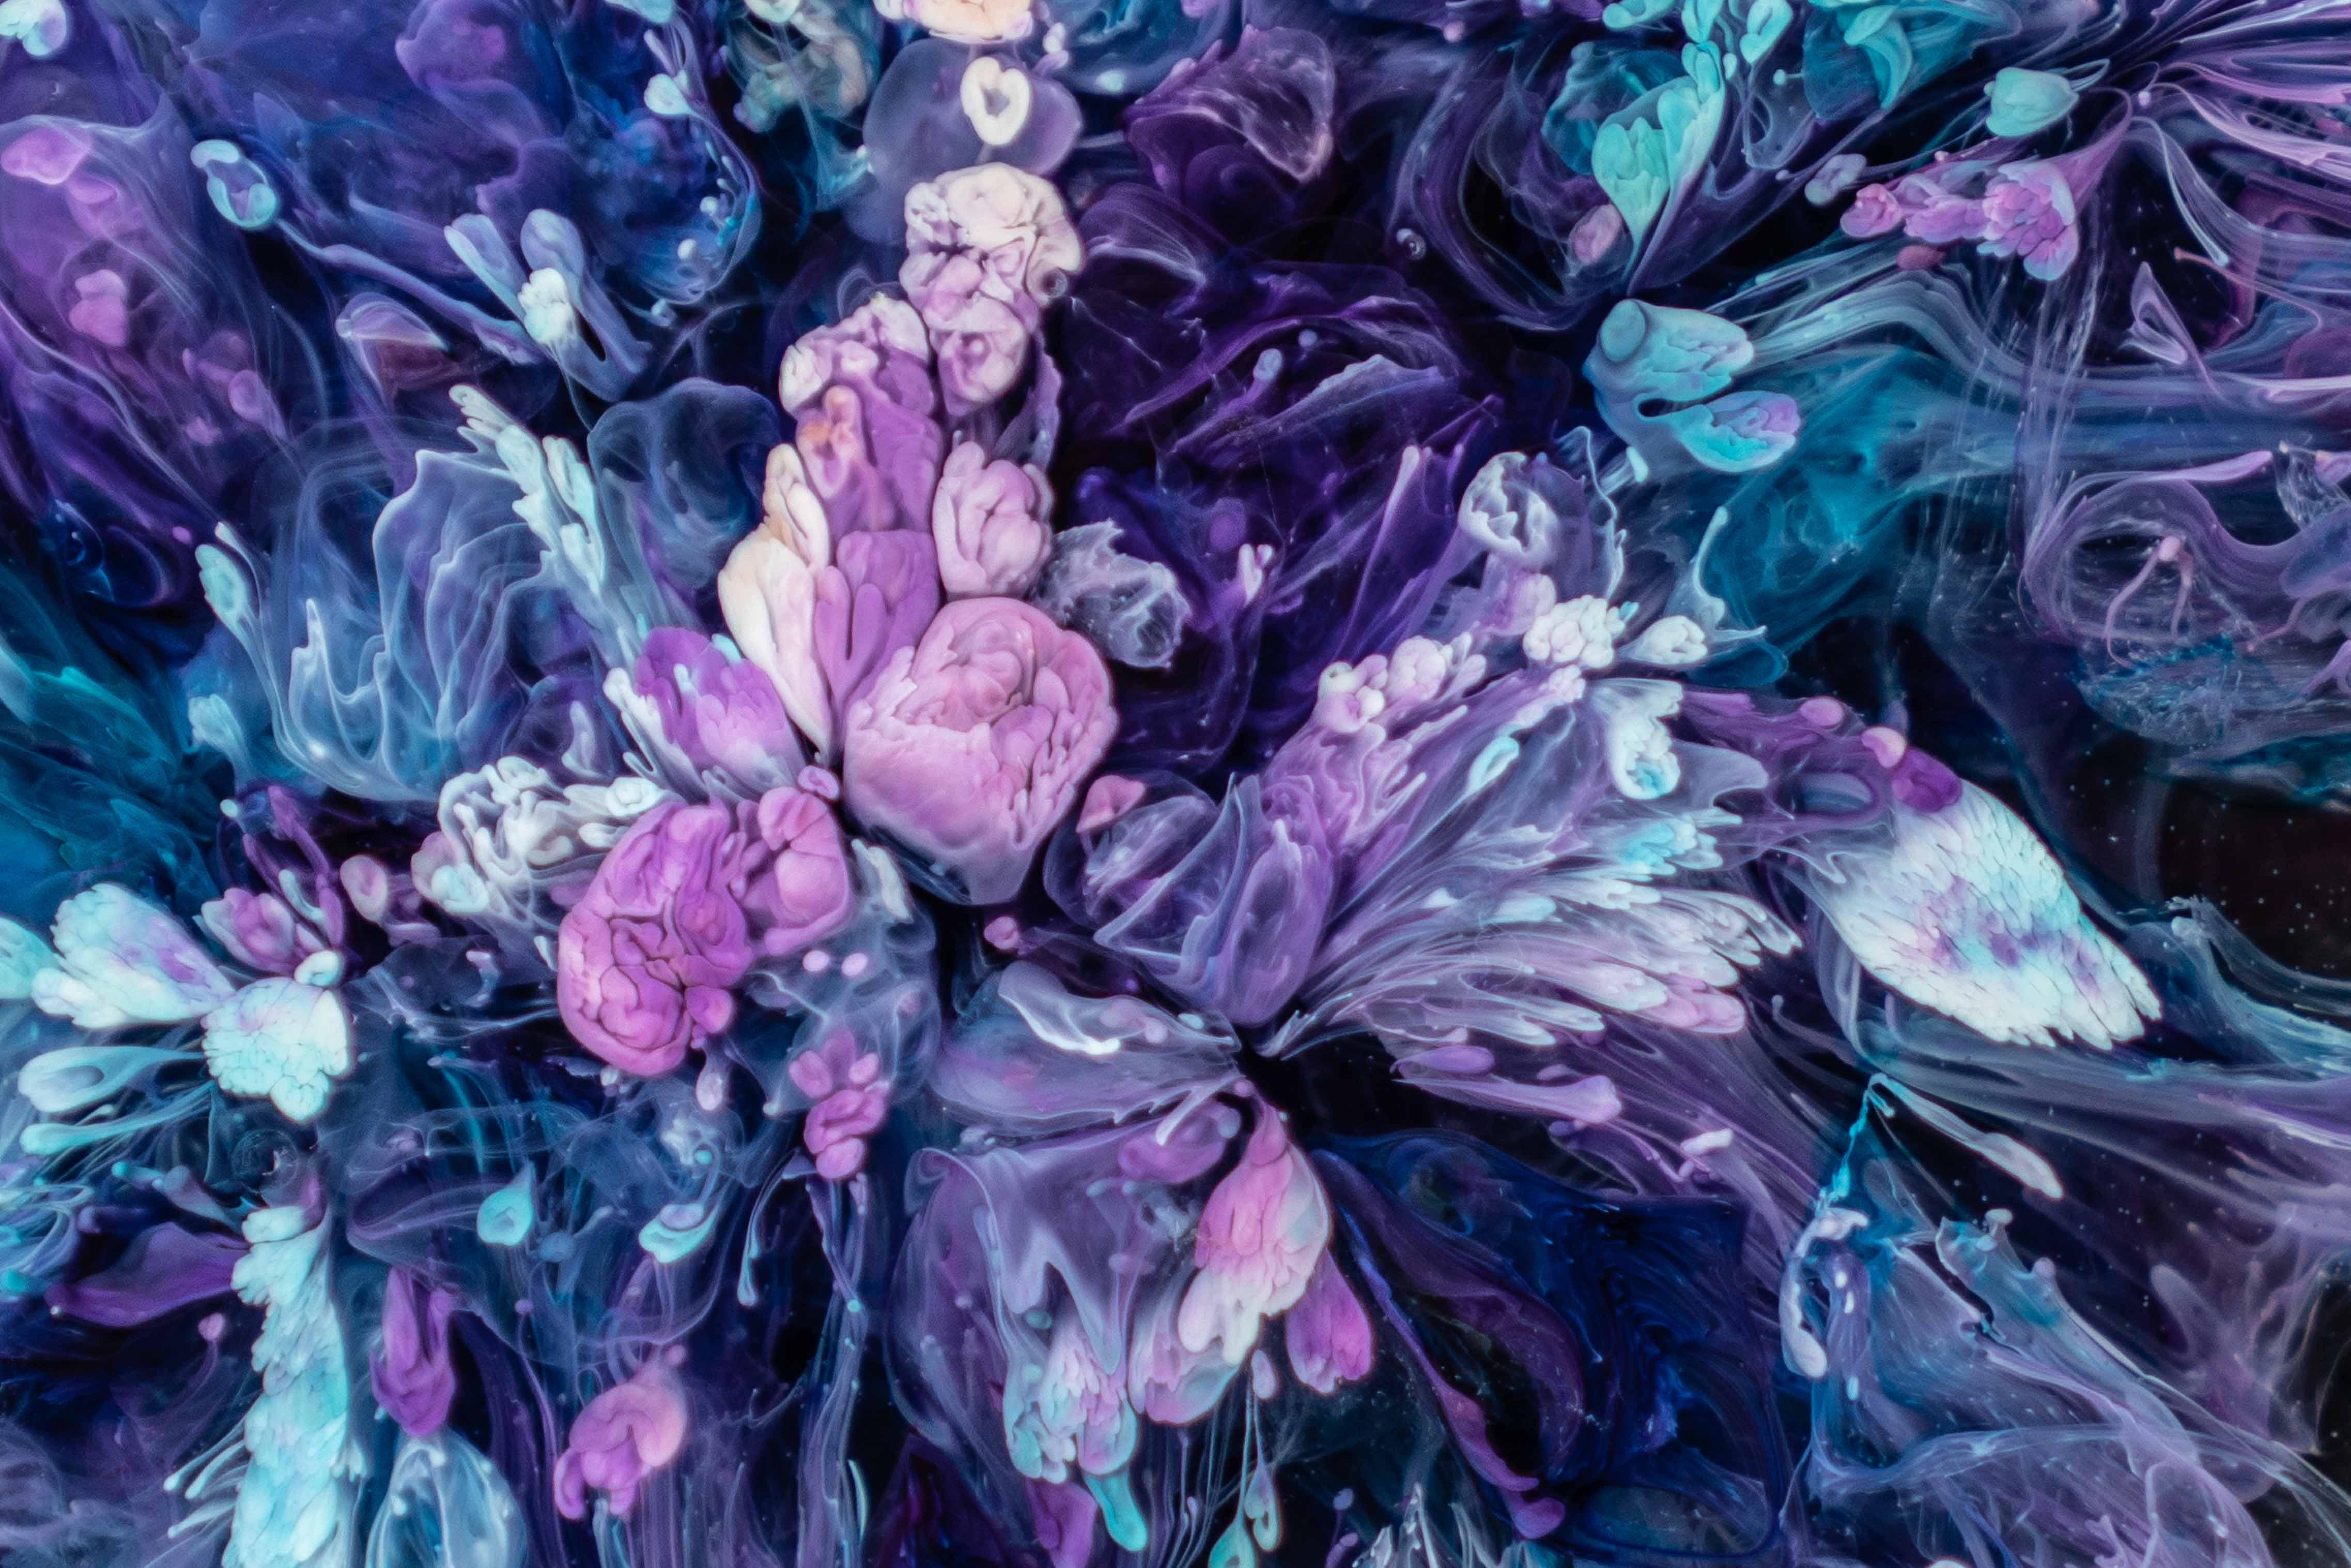 Purple Wallpapers Free Hd Download 500 Hq Unsplash